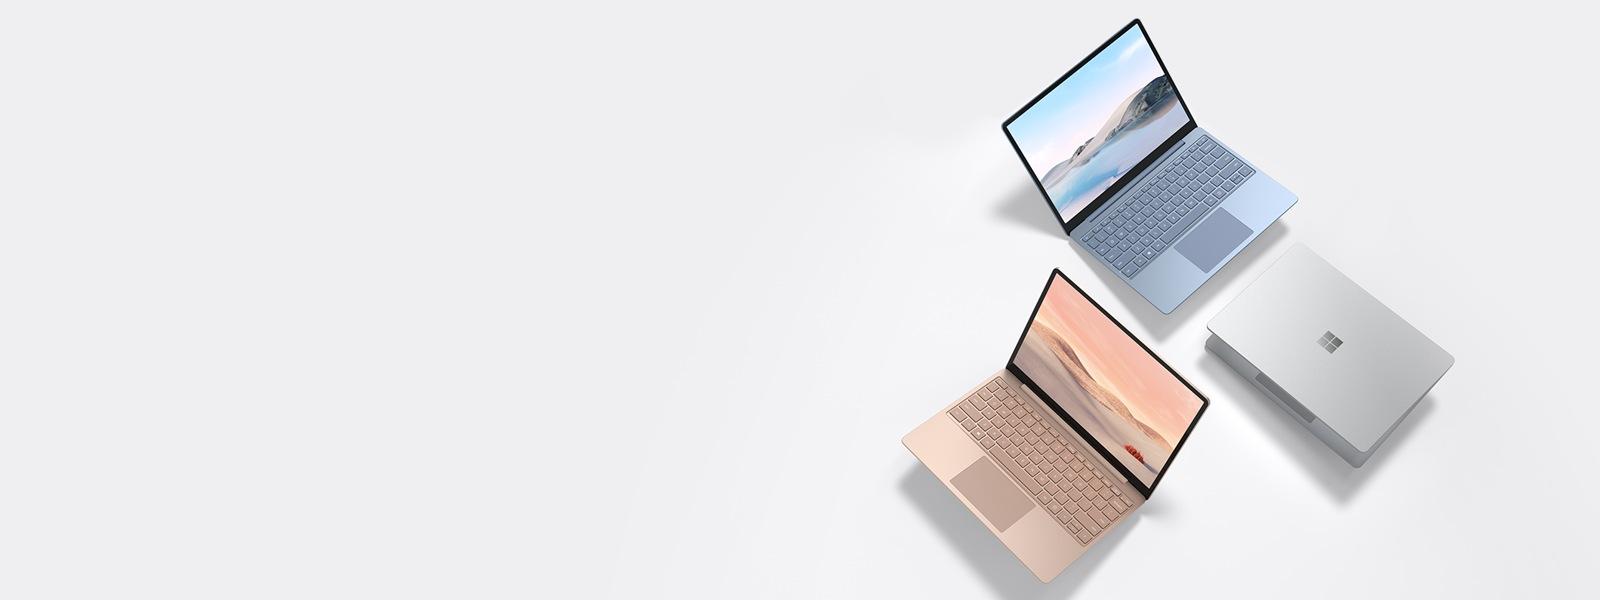 Surface Laptop Go in Platin, Eisblau, Sandstein